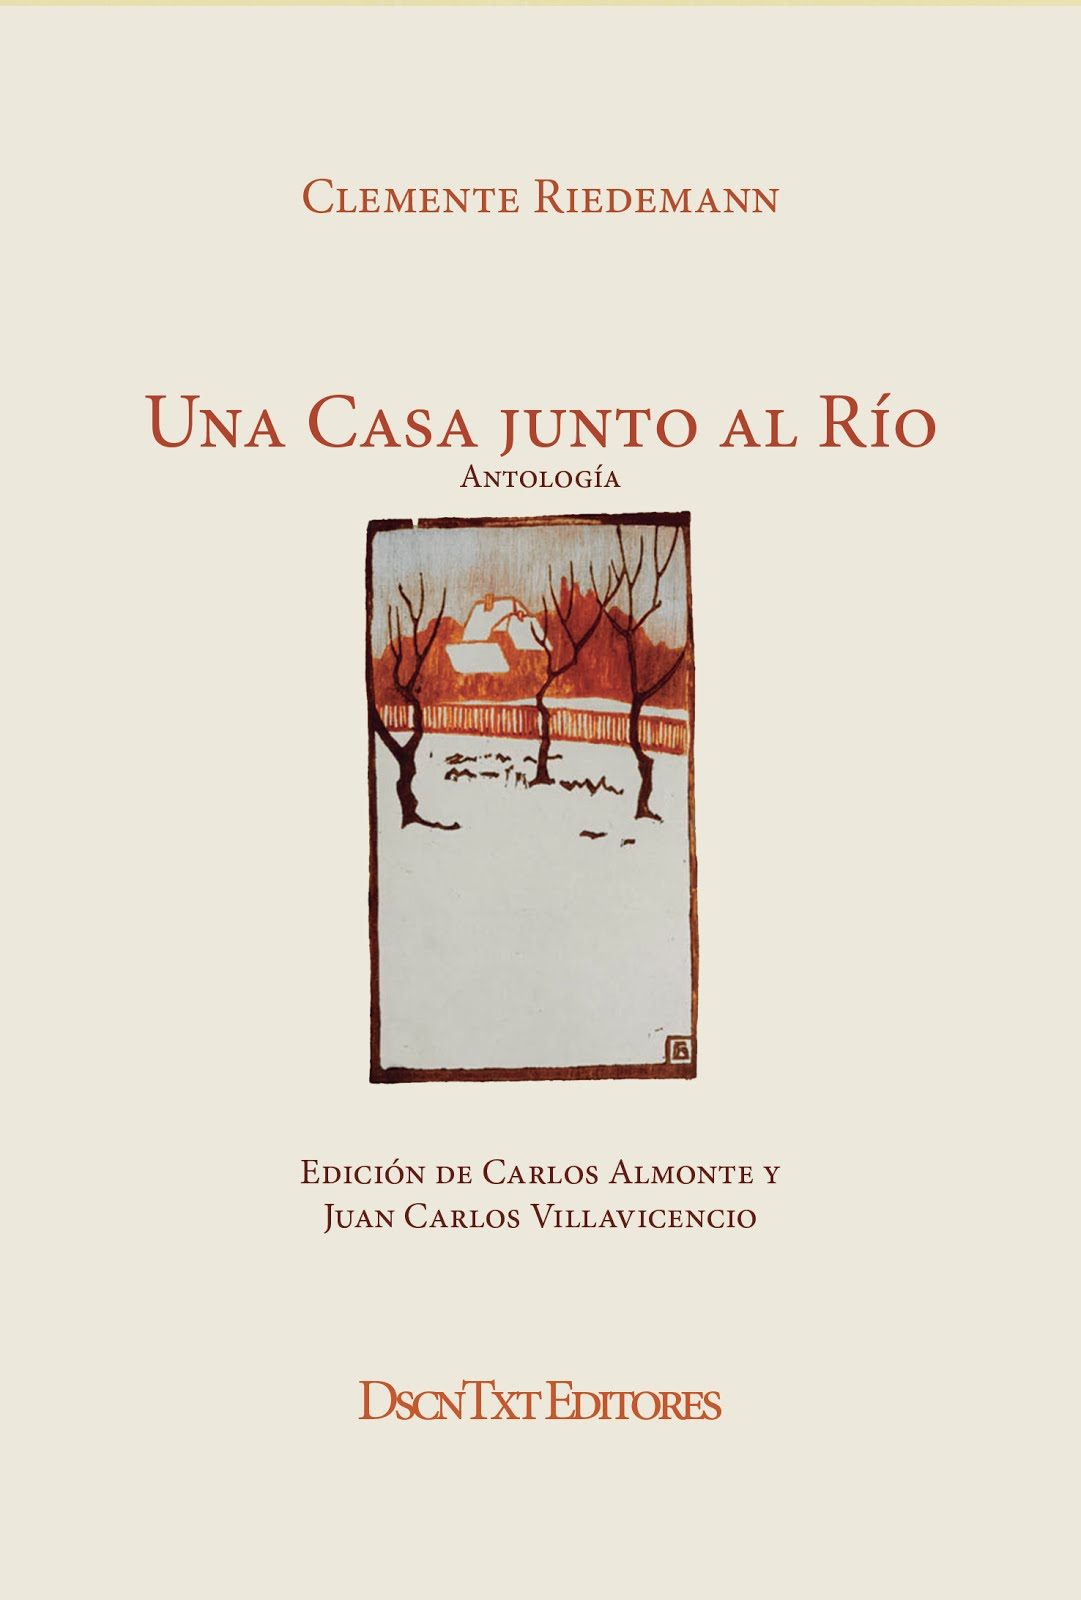 Una casa junto al río, de Clemente Riedemann. Edición de Villavicencio y Almonte